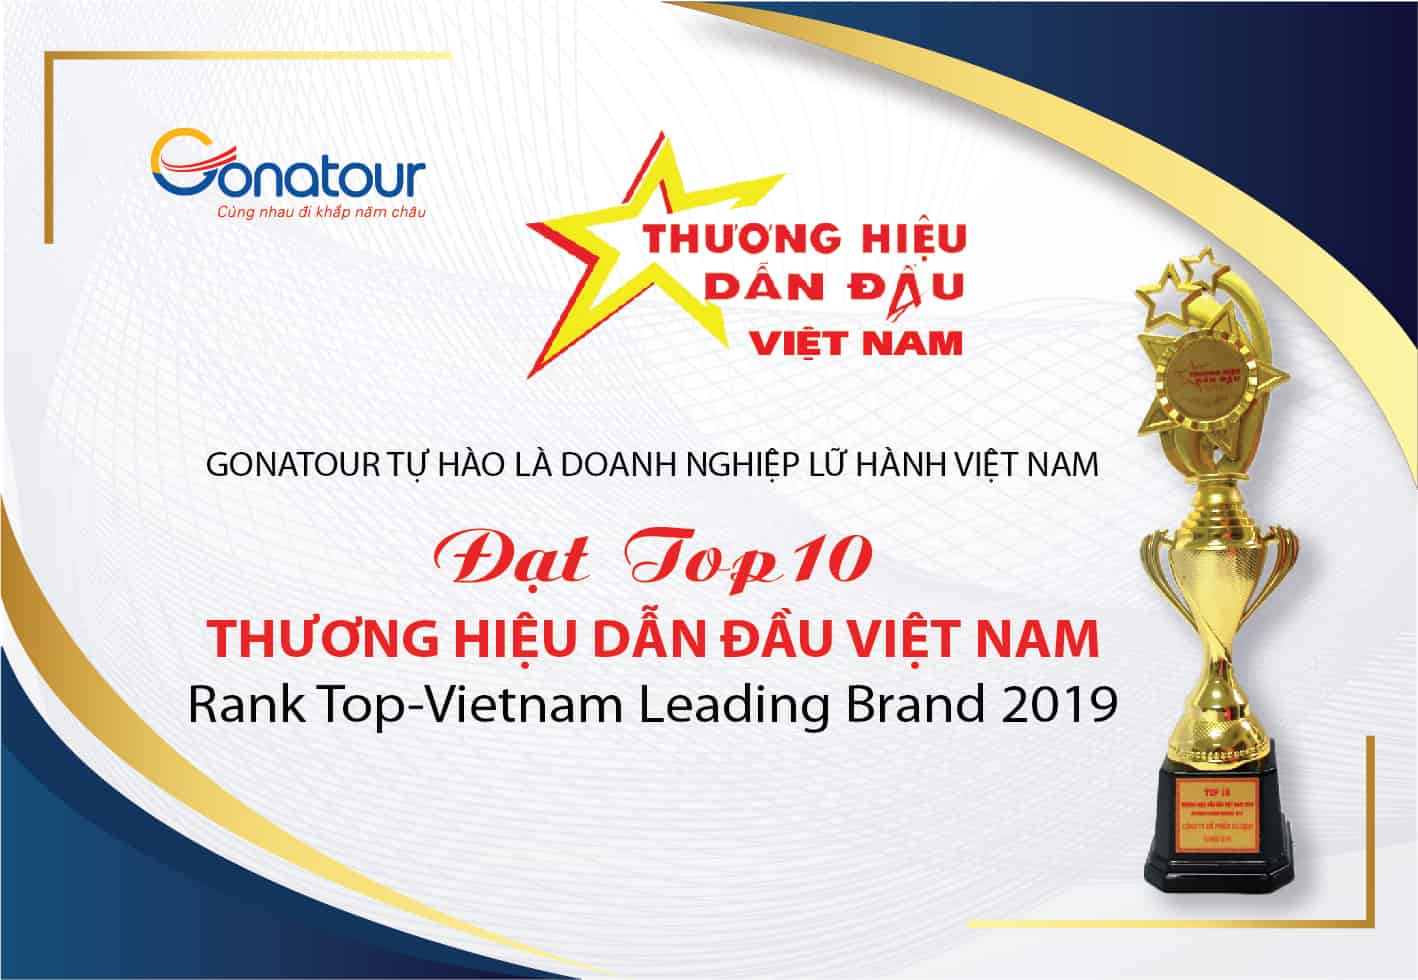 Top 10 thương hiệu dẫn đầu Việt Nam